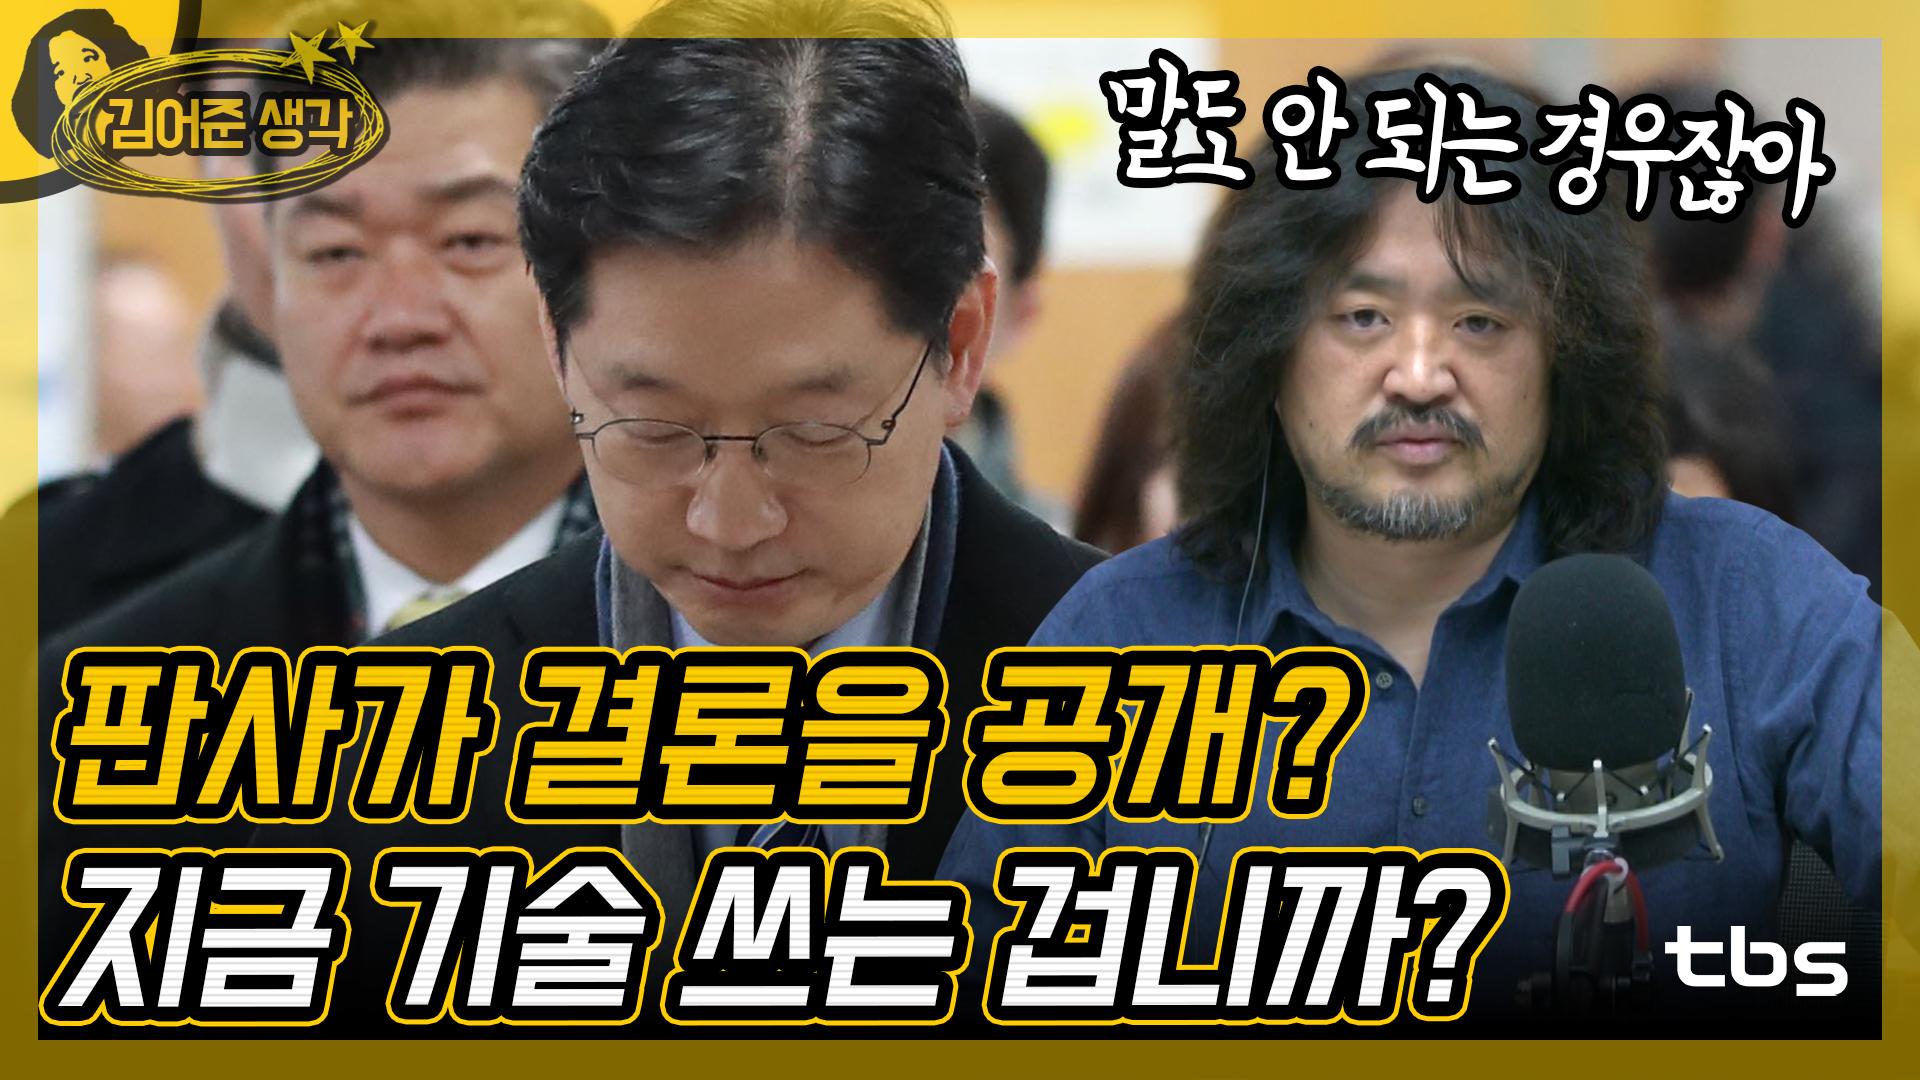 판사가 결론을 공개? 지금 기술 쓰는 겁니까? [김어준 생각/김어준의 뉴스공장]